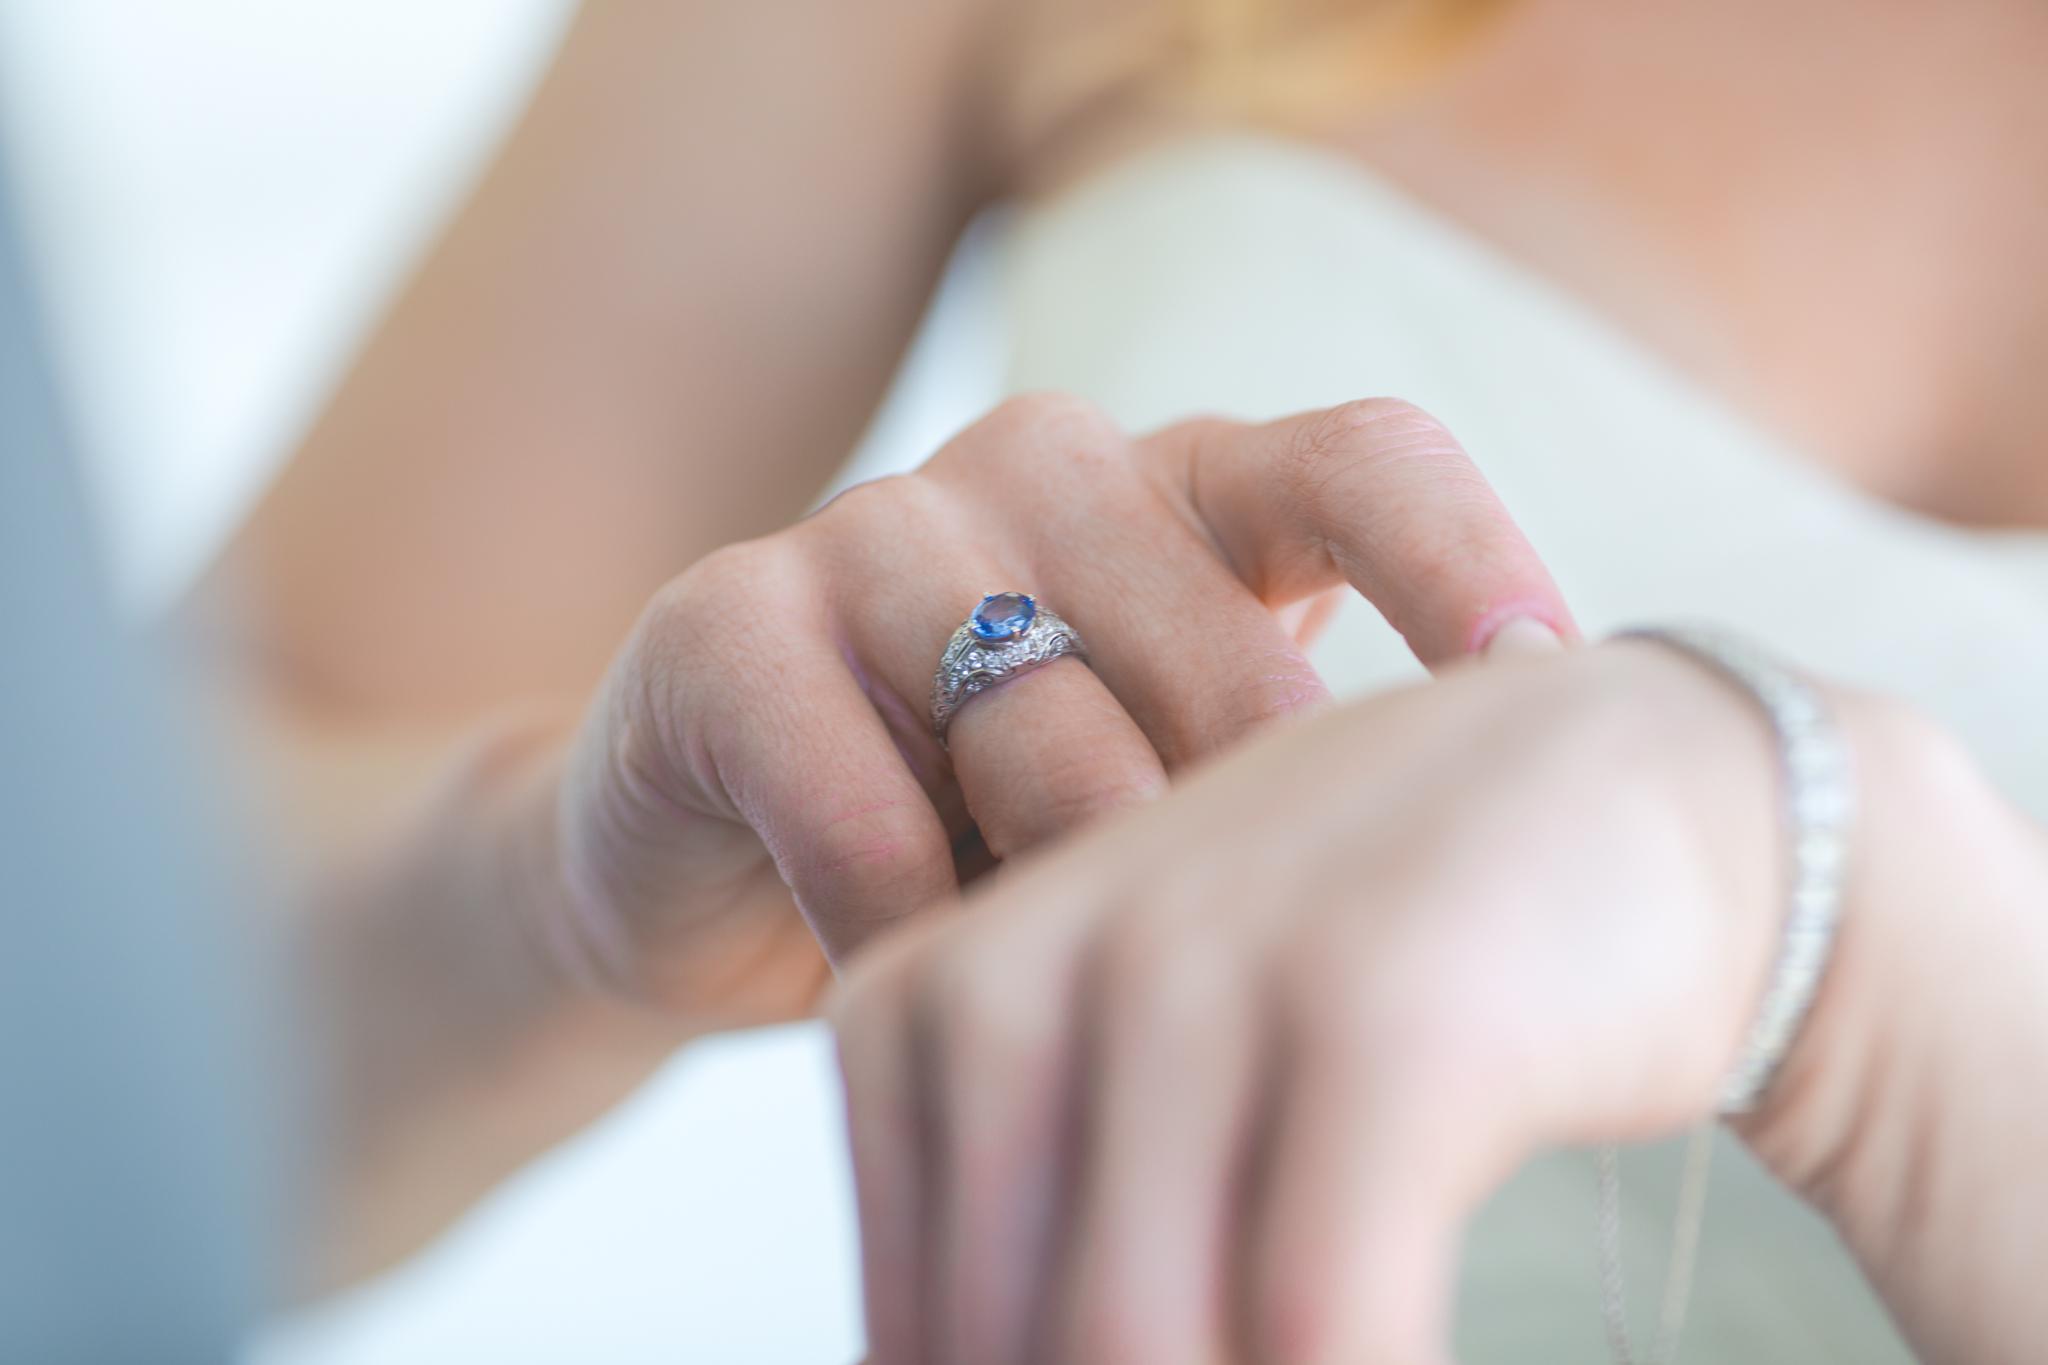 scottsdale-wedding-photographer-el-dorado-bride-wedding-ring